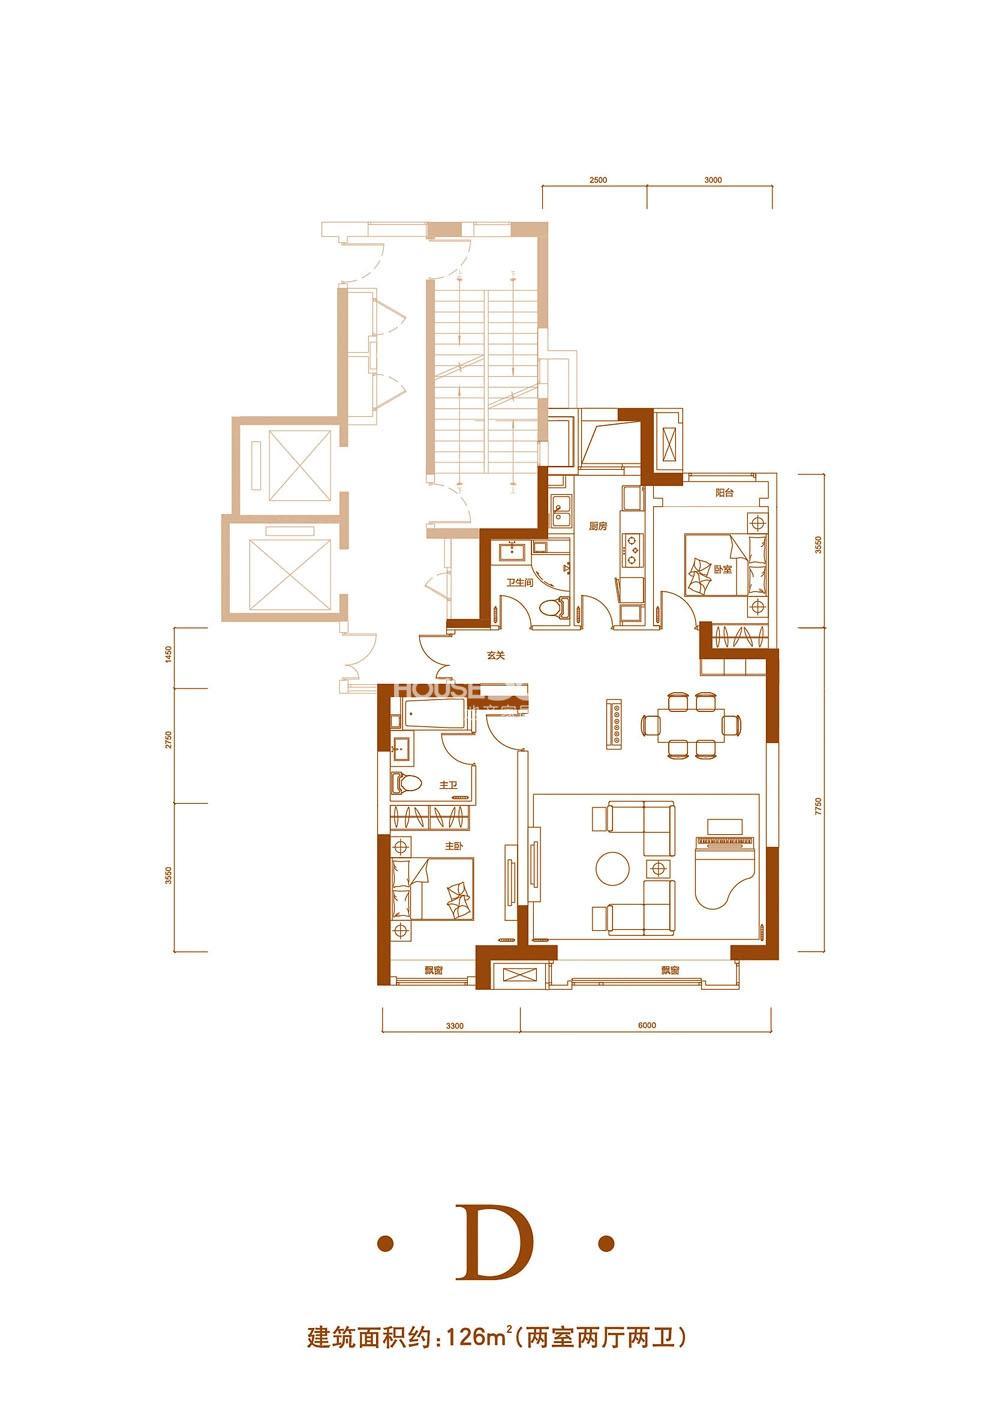 2室2厅2卫 126平米(在售)